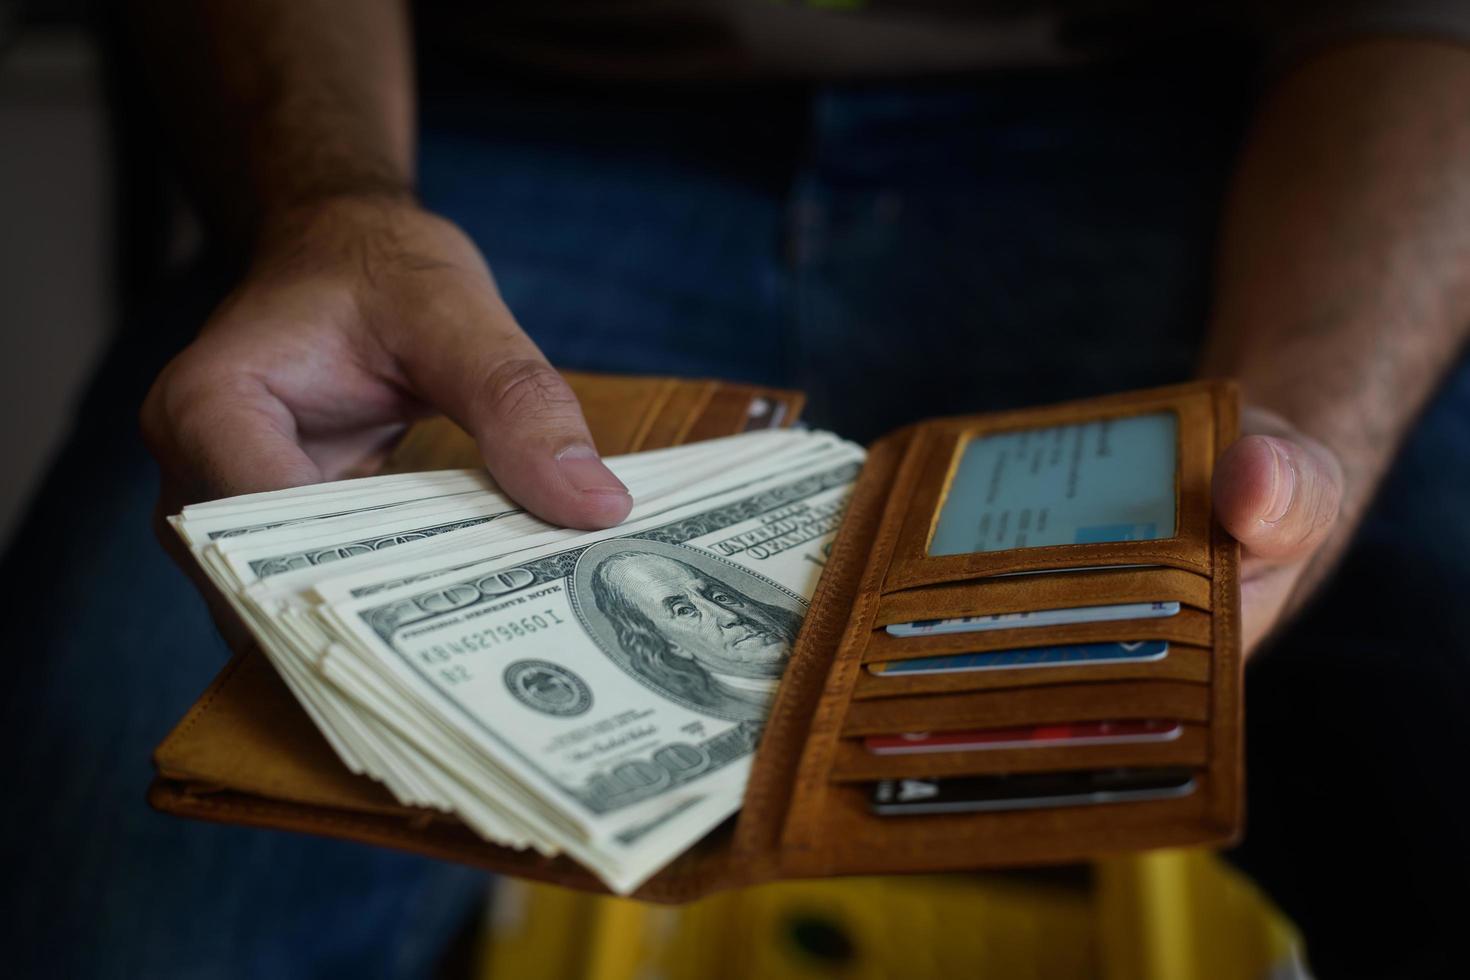 manos tomando dólares de la billetera foto